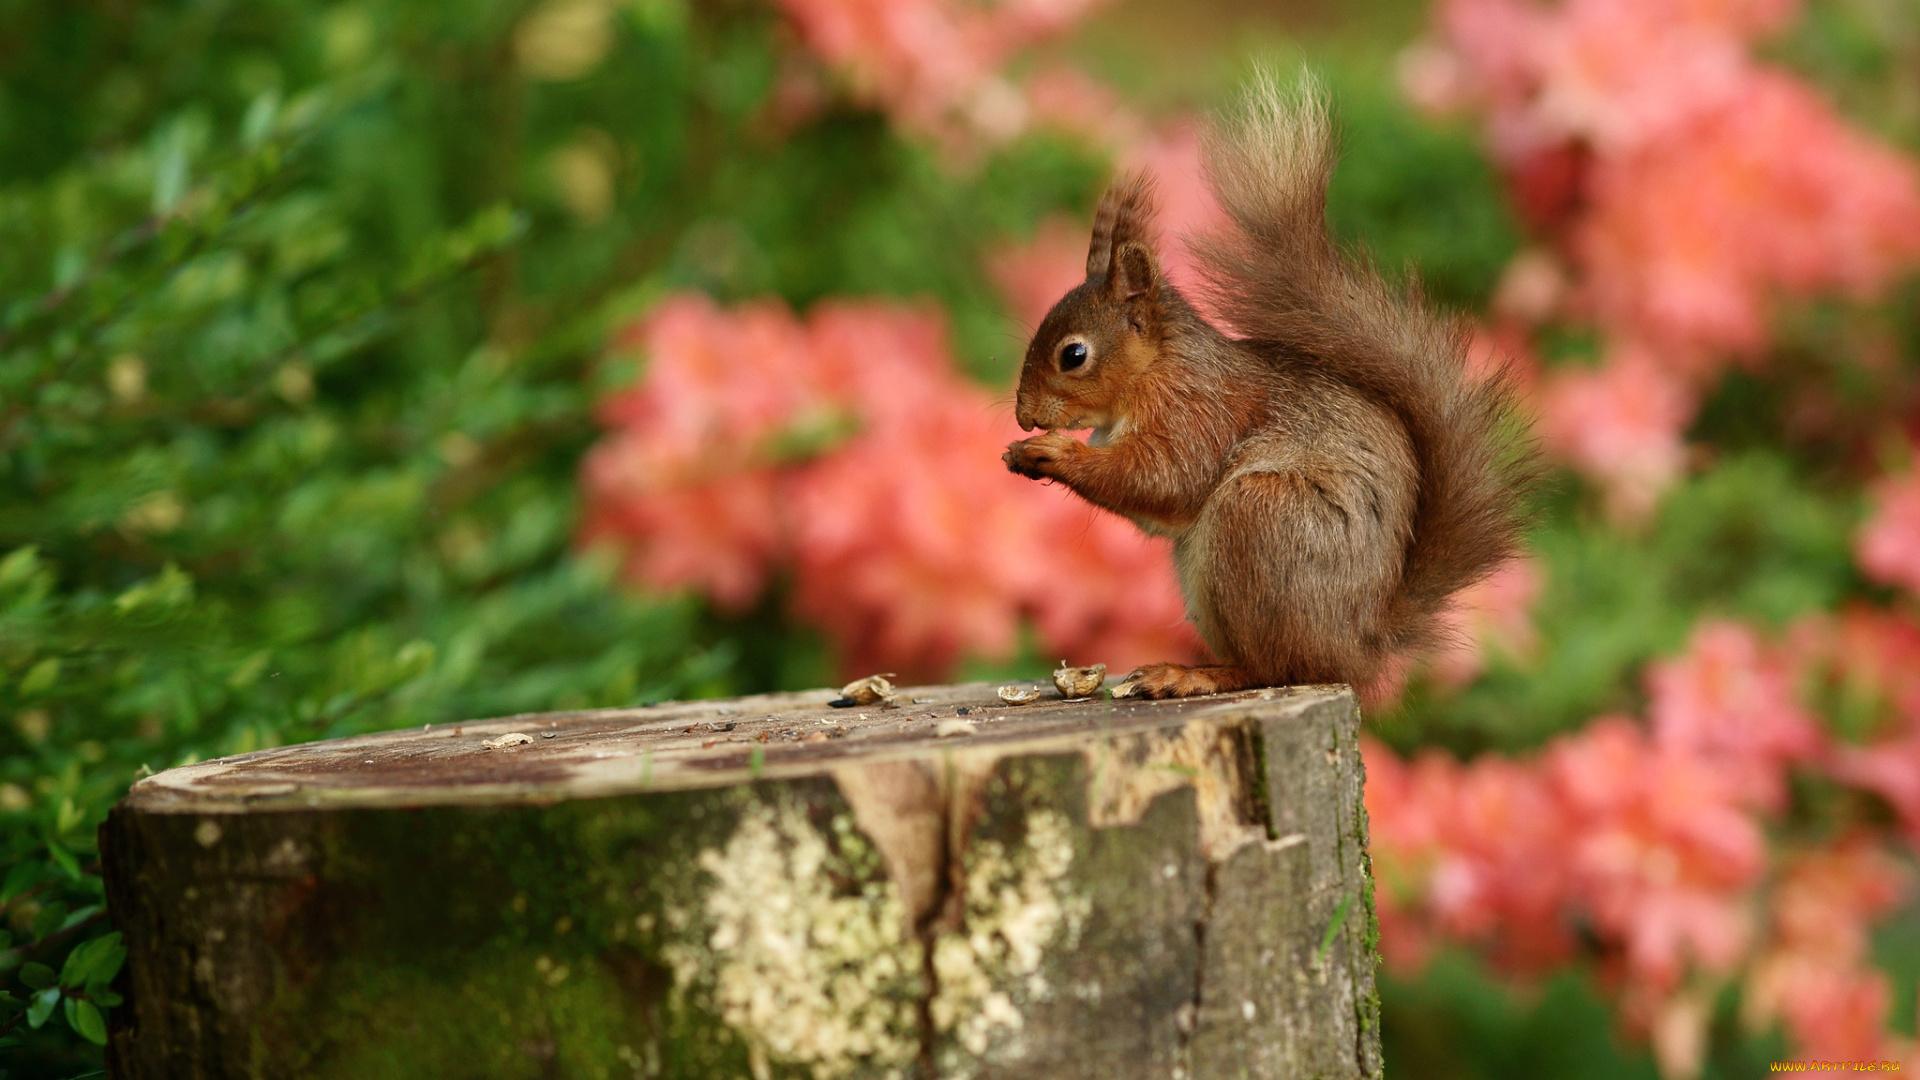 природа осень животное корзина семечки белка  № 2096110 без смс